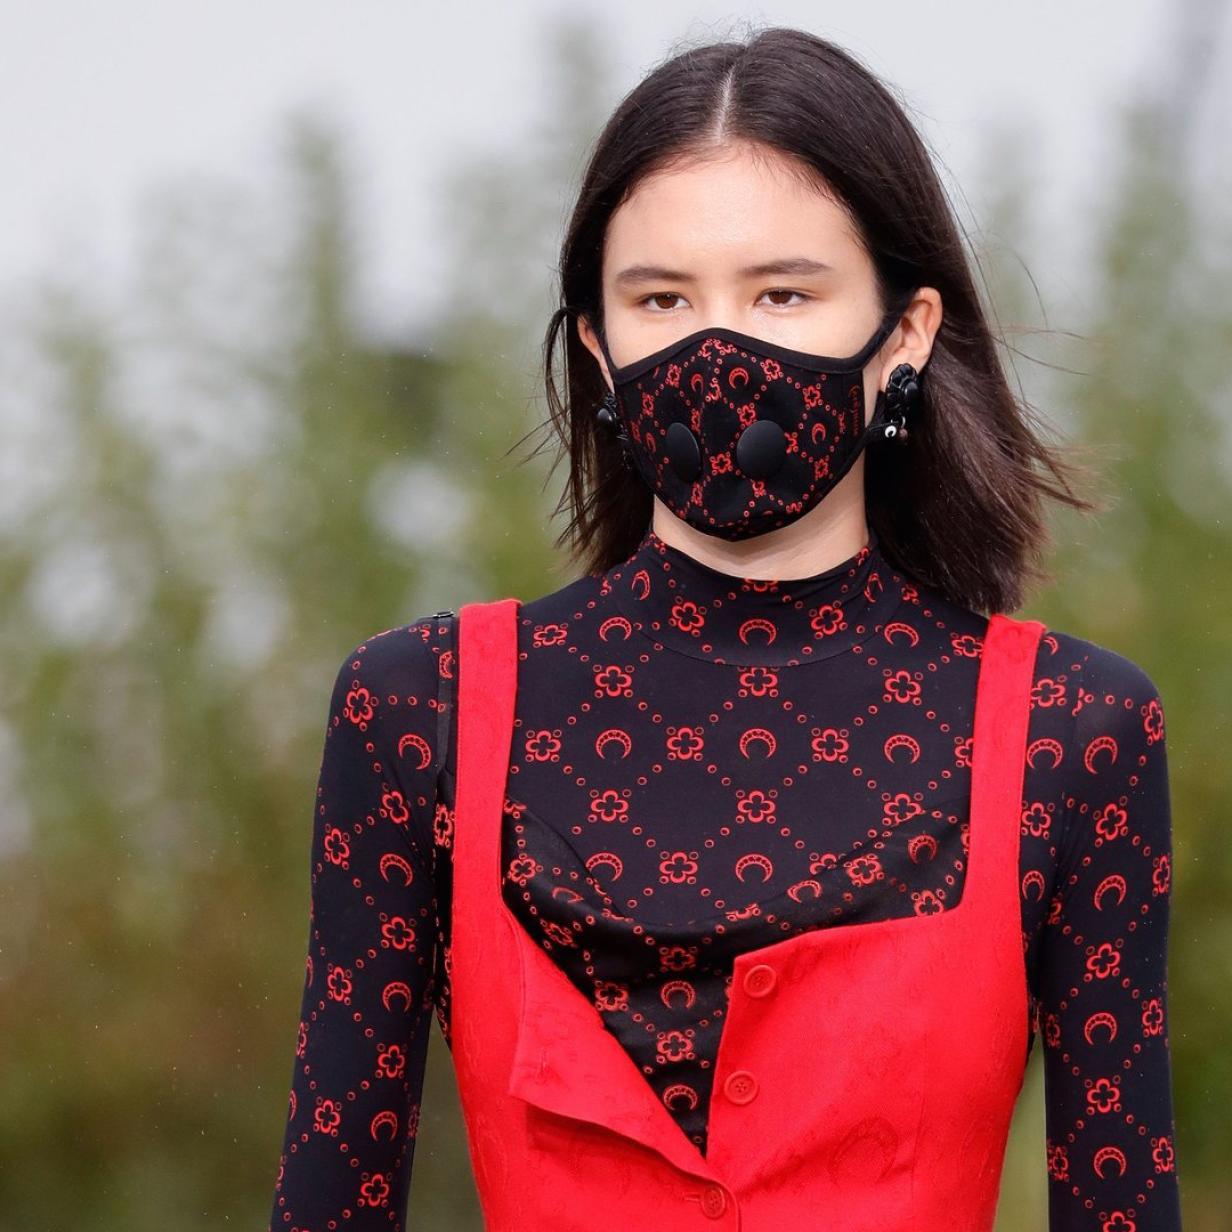 Paris Fashion Week: Zwischen Mundschutz und Baumdekoration